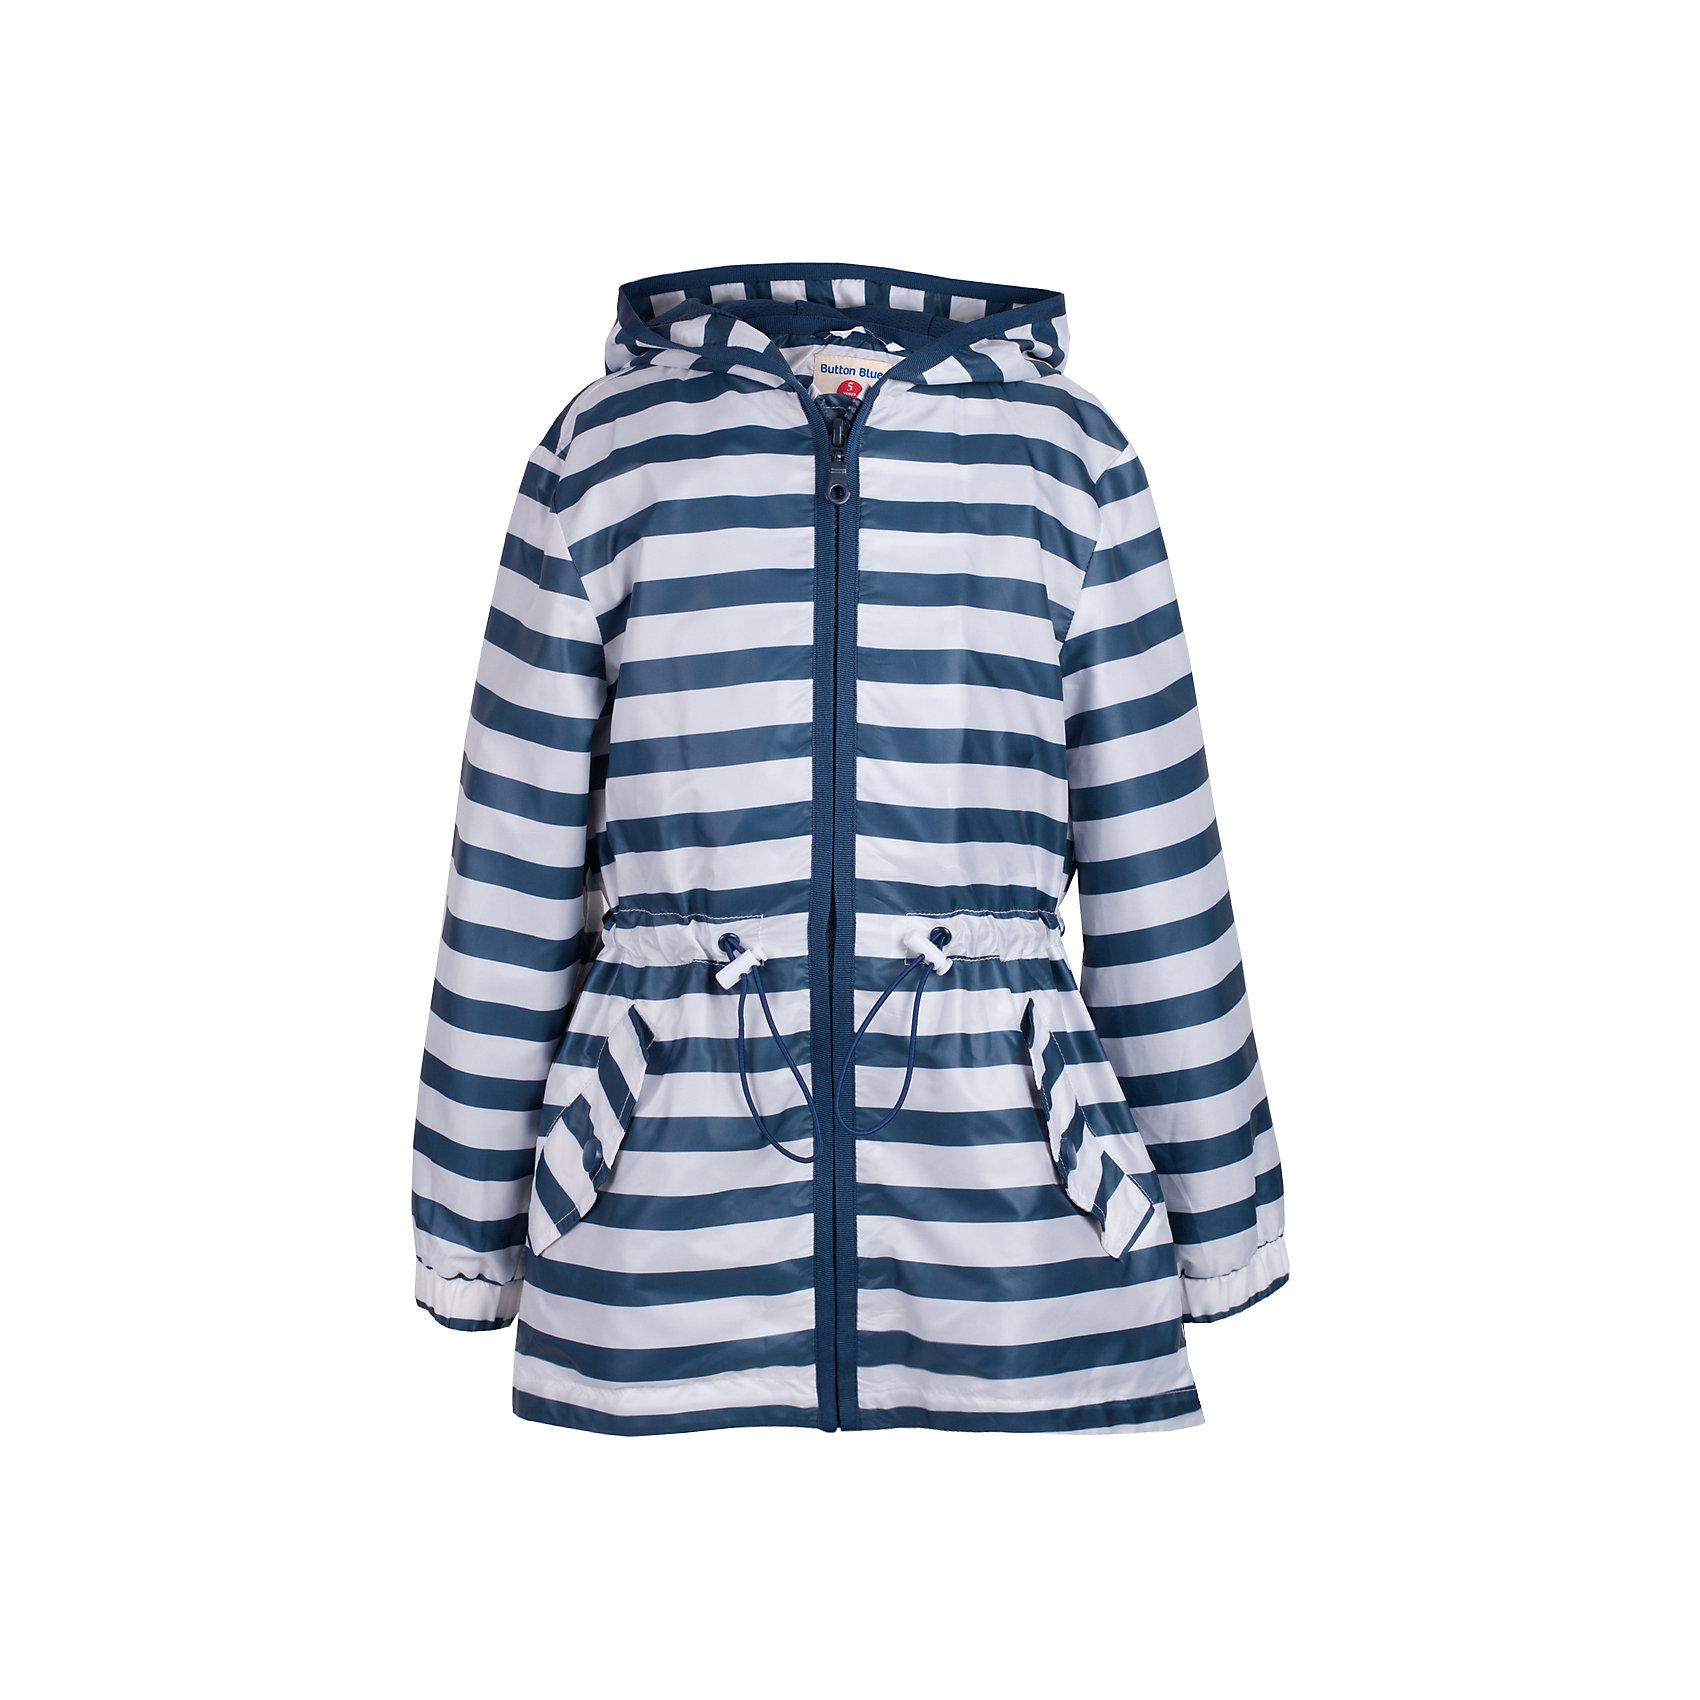 Куртка для девочки  BUTTON BLUEВерхняя одежда<br>Куртка для девочки  BUTTON BLUE<br>Стильная ветровка в полоску - прекрасное решение для летней прохлады. Модная комфортная форма, динамичный рисунок, продуманные детали подарят отличное настроение, капюшон надежно защитит от дождя и ветра. Если вы решили купить ветровку для девочки недорого, но хотите быть уверены в ее комфорте, качестве, высоких потребительских свойствах, ветровка Button Blue - то, что нужно!<br>Состав:<br>Ткань  верха: 100%  полиэстер, подклад: 100%  полиэстер<br><br>Ширина мм: 356<br>Глубина мм: 10<br>Высота мм: 245<br>Вес г: 519<br>Цвет: разноцветный<br>Возраст от месяцев: 144<br>Возраст до месяцев: 156<br>Пол: Женский<br>Возраст: Детский<br>Размер: 158,98,104,110,116,122,128,134,140,146,152<br>SKU: 5523412